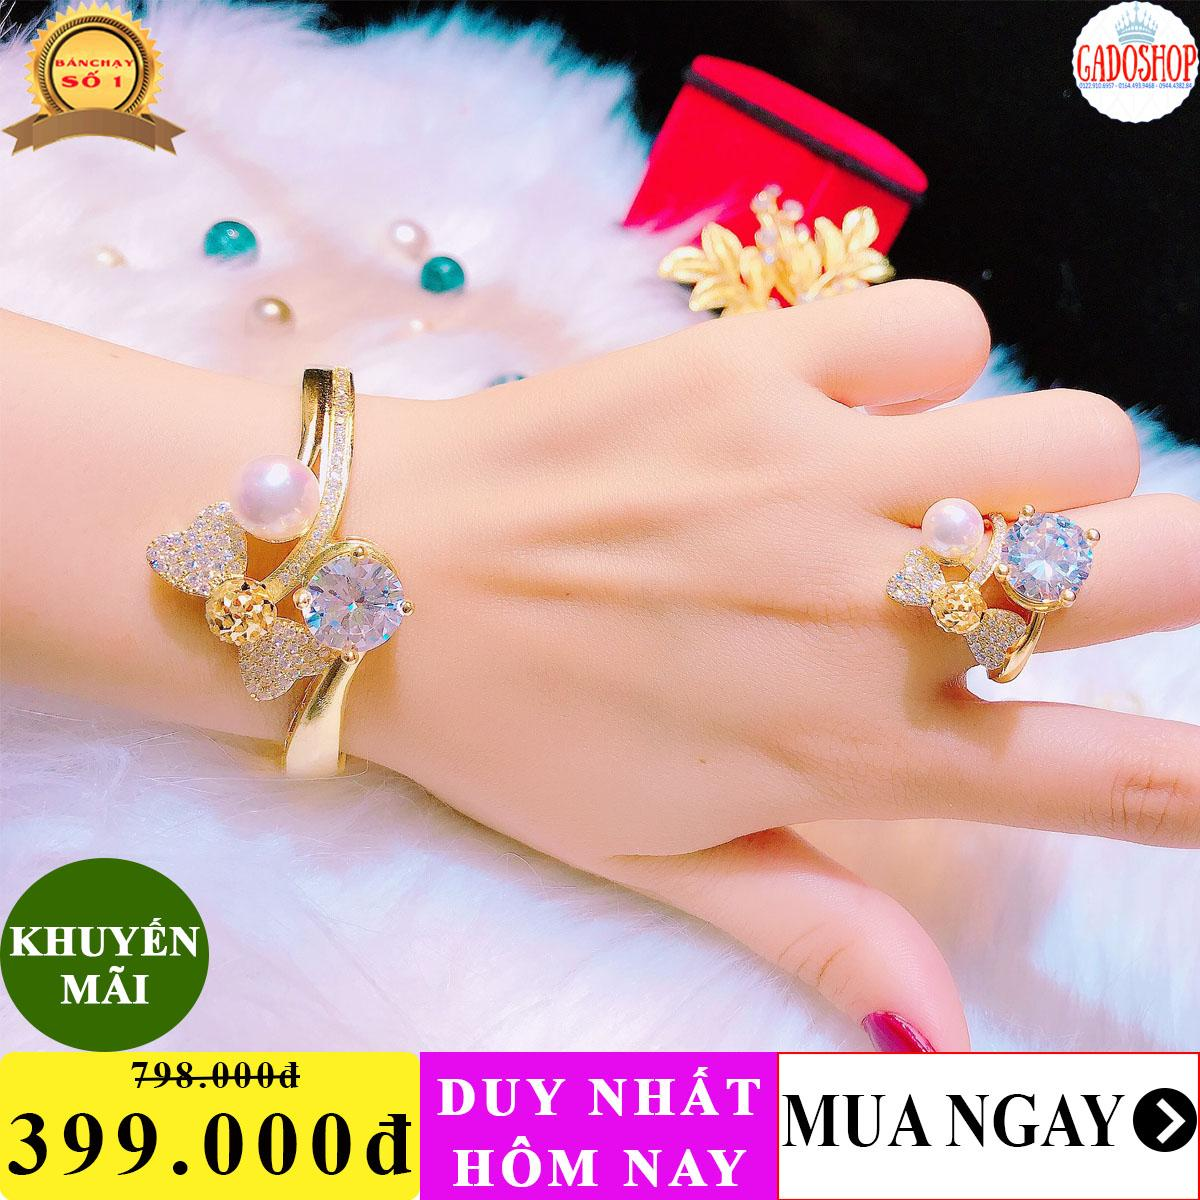 [SIÊU GIẢM GIÁ]Bộ trang sức mạ vàng 18k Trang sức Gadoshop VB220101920 - dùng đi tiệc cực kì sang chảnh